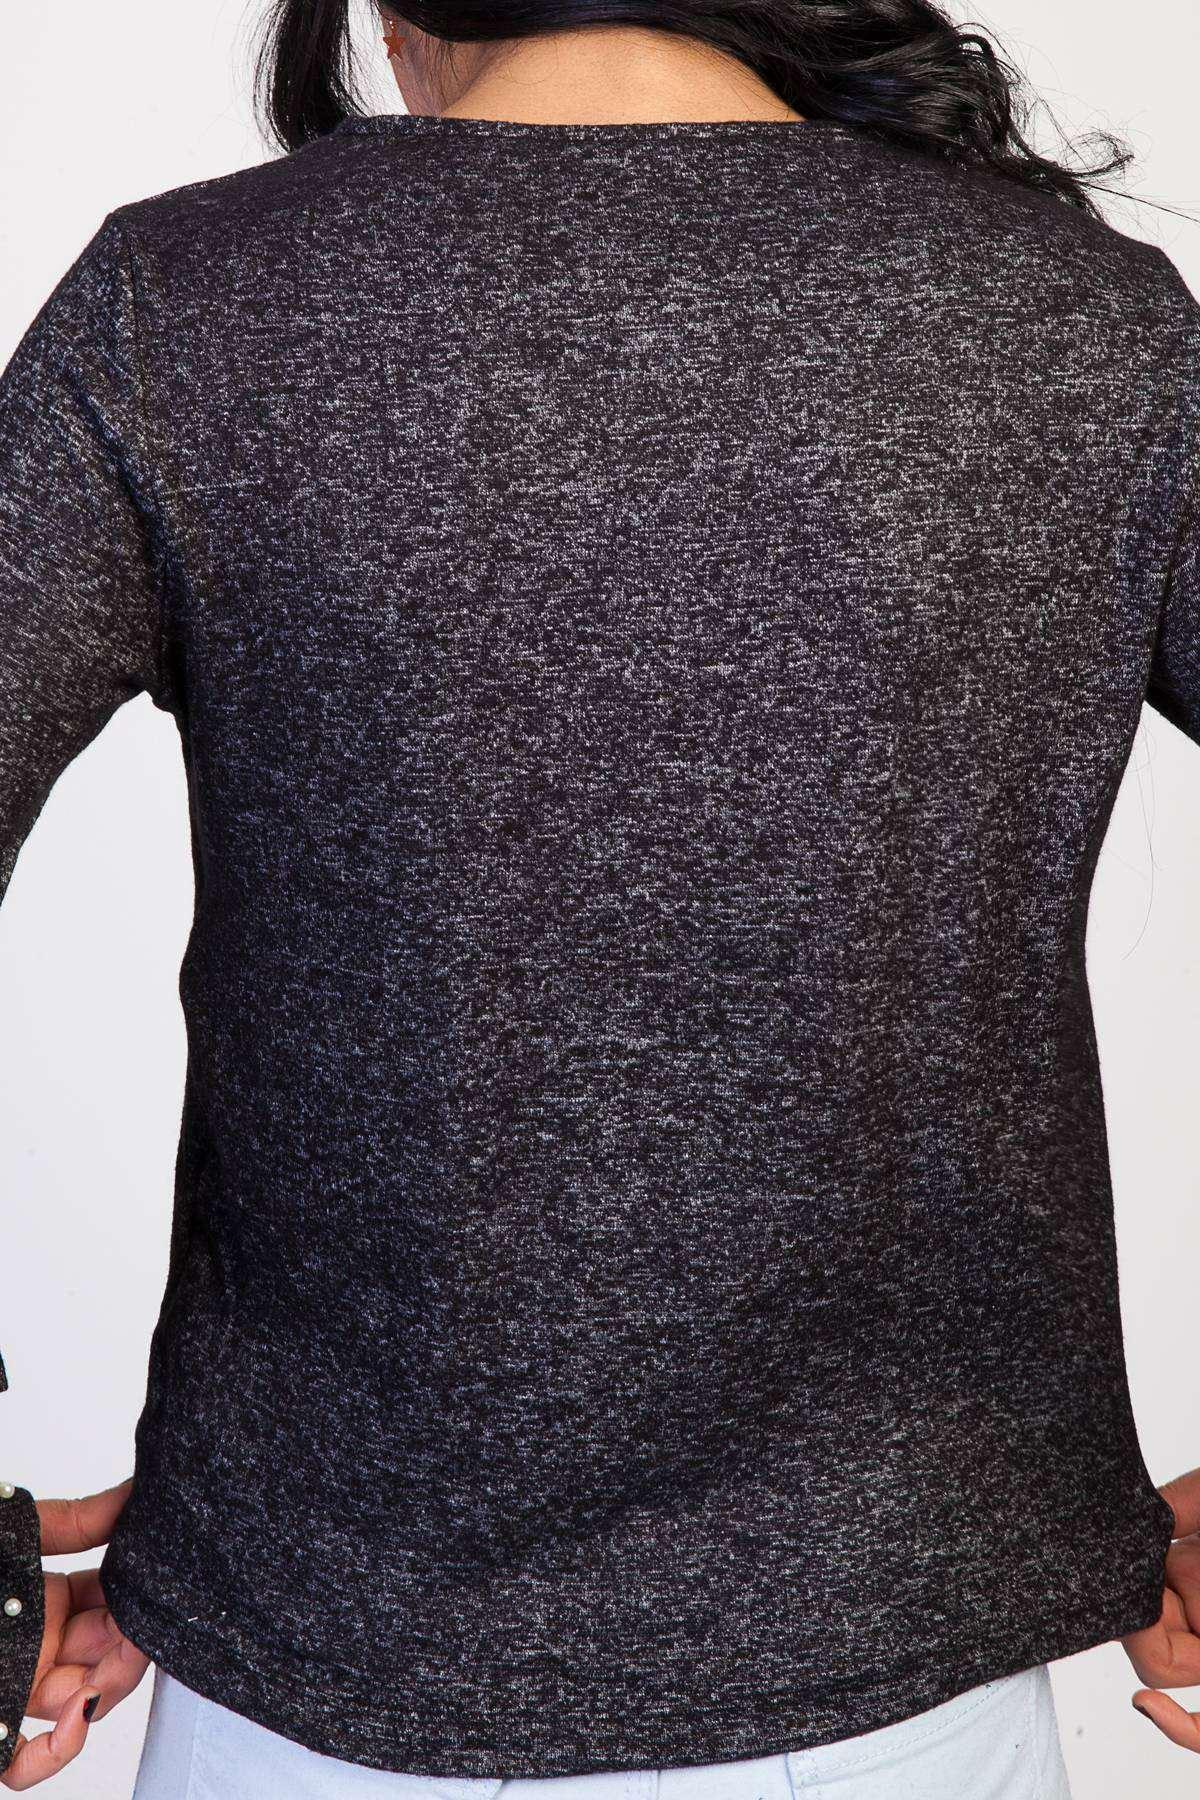 Kolları İspanyol Fırfırlı İncili Sıfır Yaka Bluz Siyah